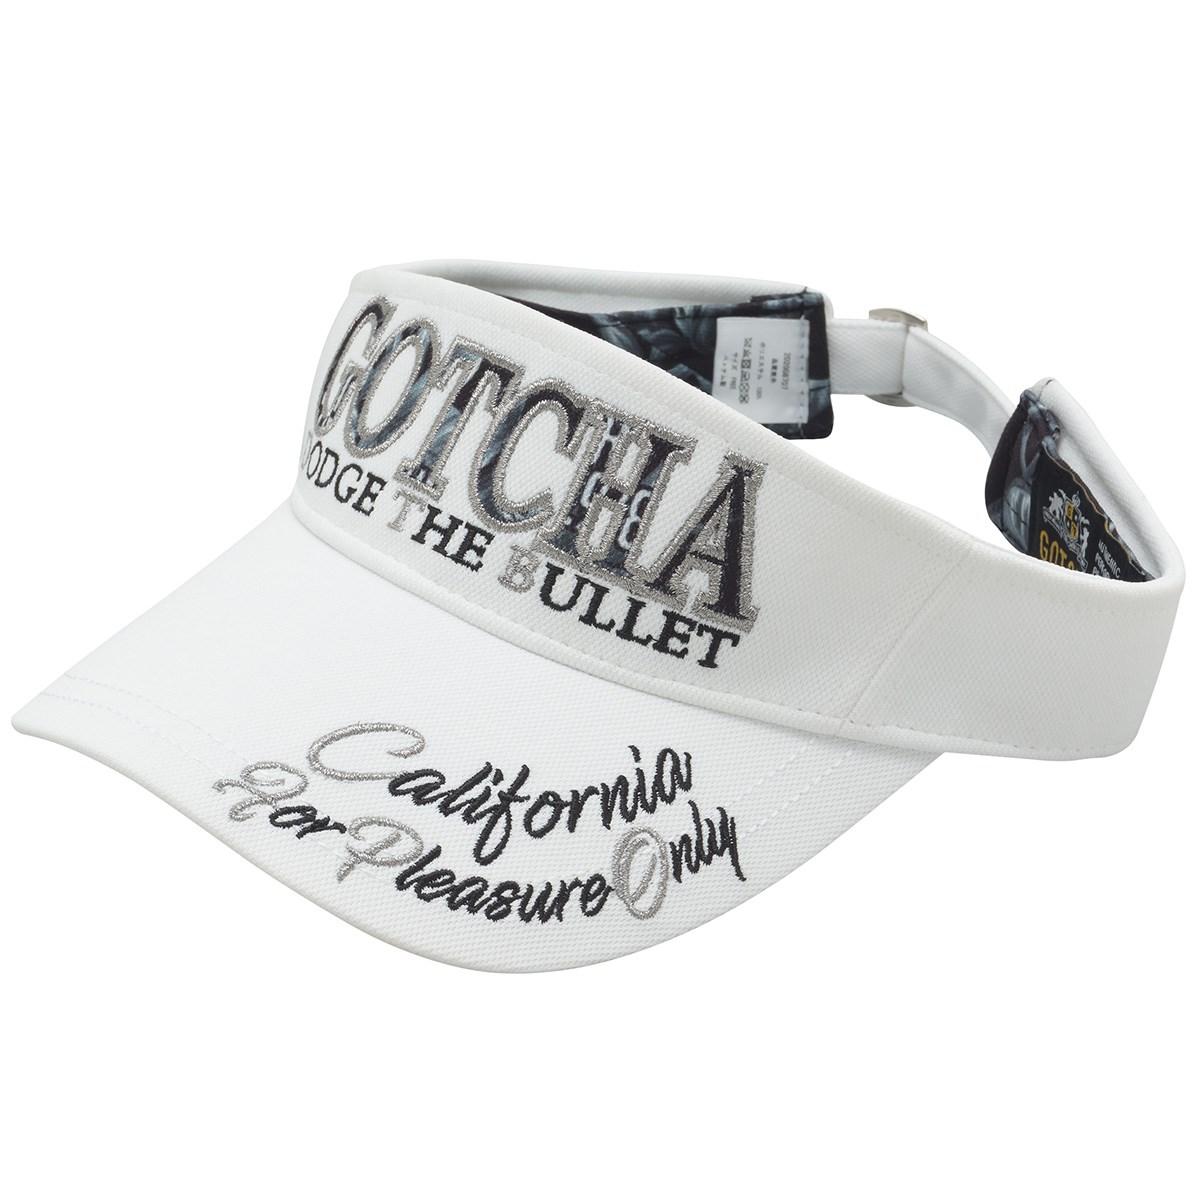 ガッチャゴルフ GOTCHA GOLF モノトーンMAX サンバイザー フリー ホワイト